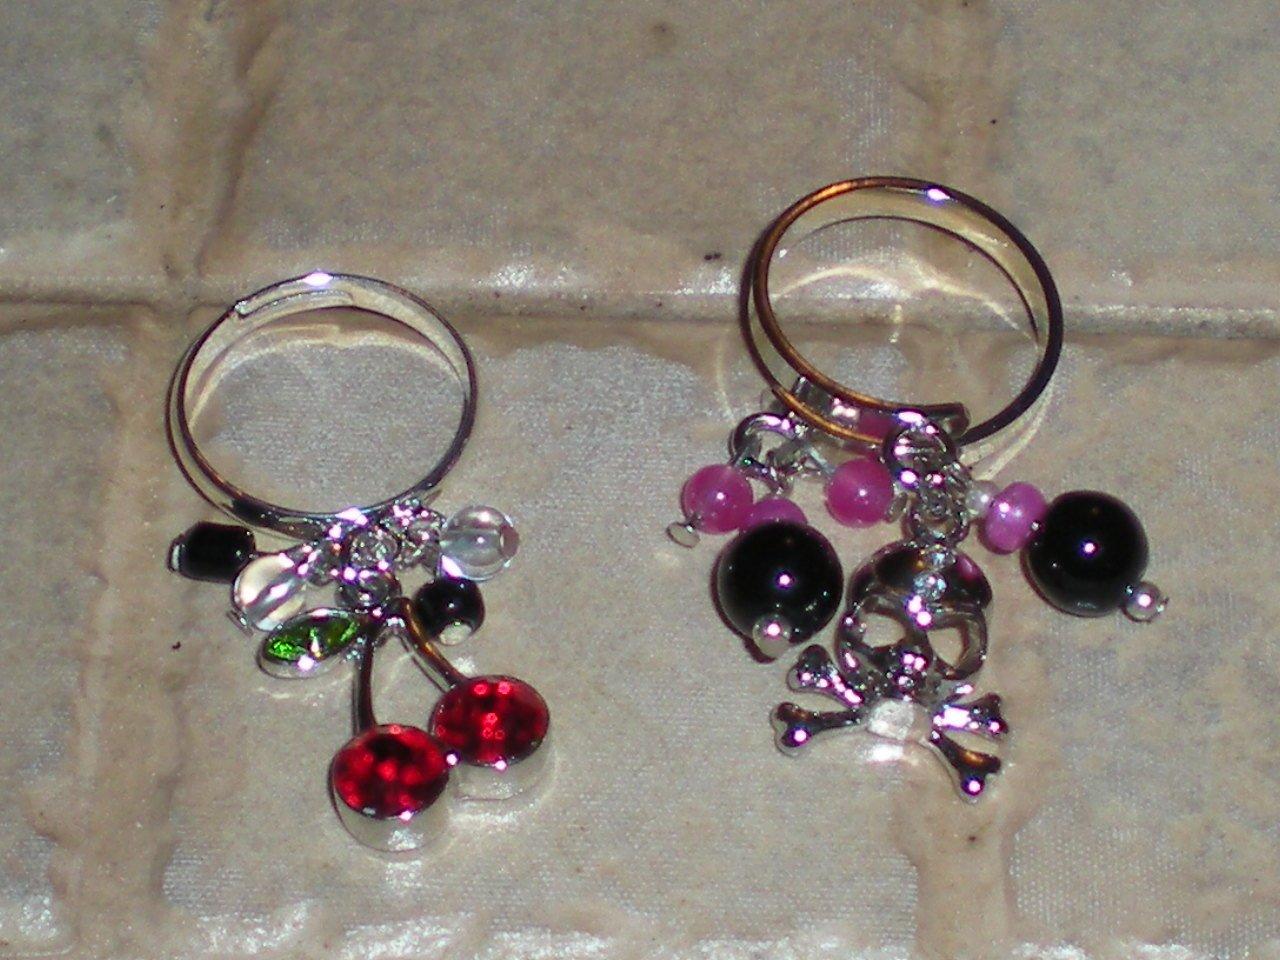 Rockabilly charm ring